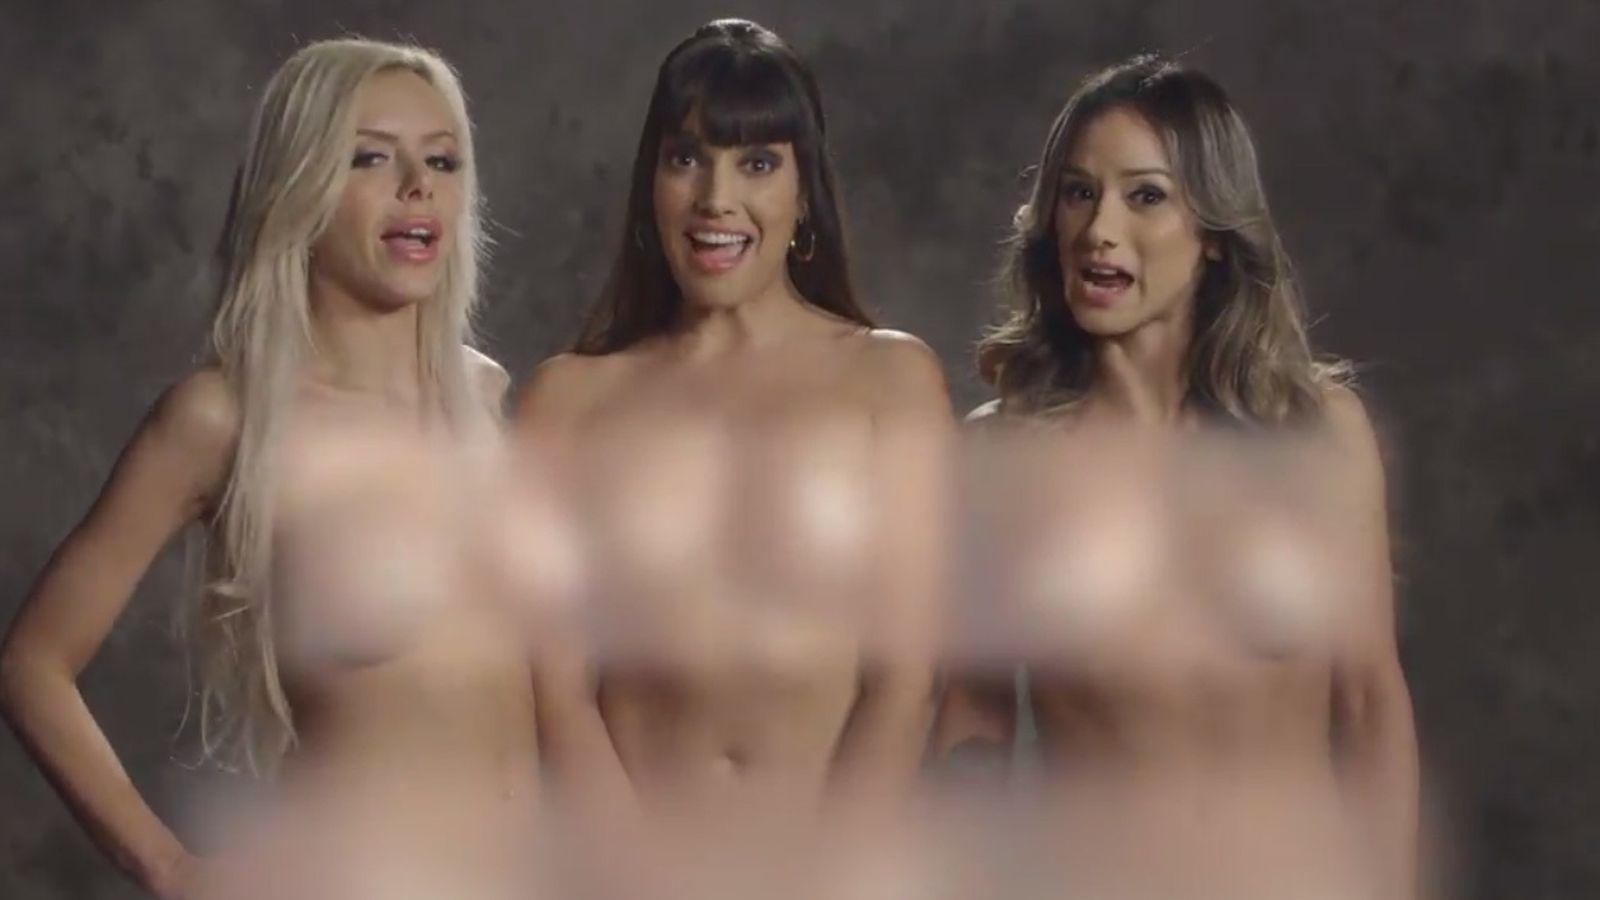 Mujeres Y Hombres Actrices Porno sexo: 5 razones por las que a las actrices porno no les